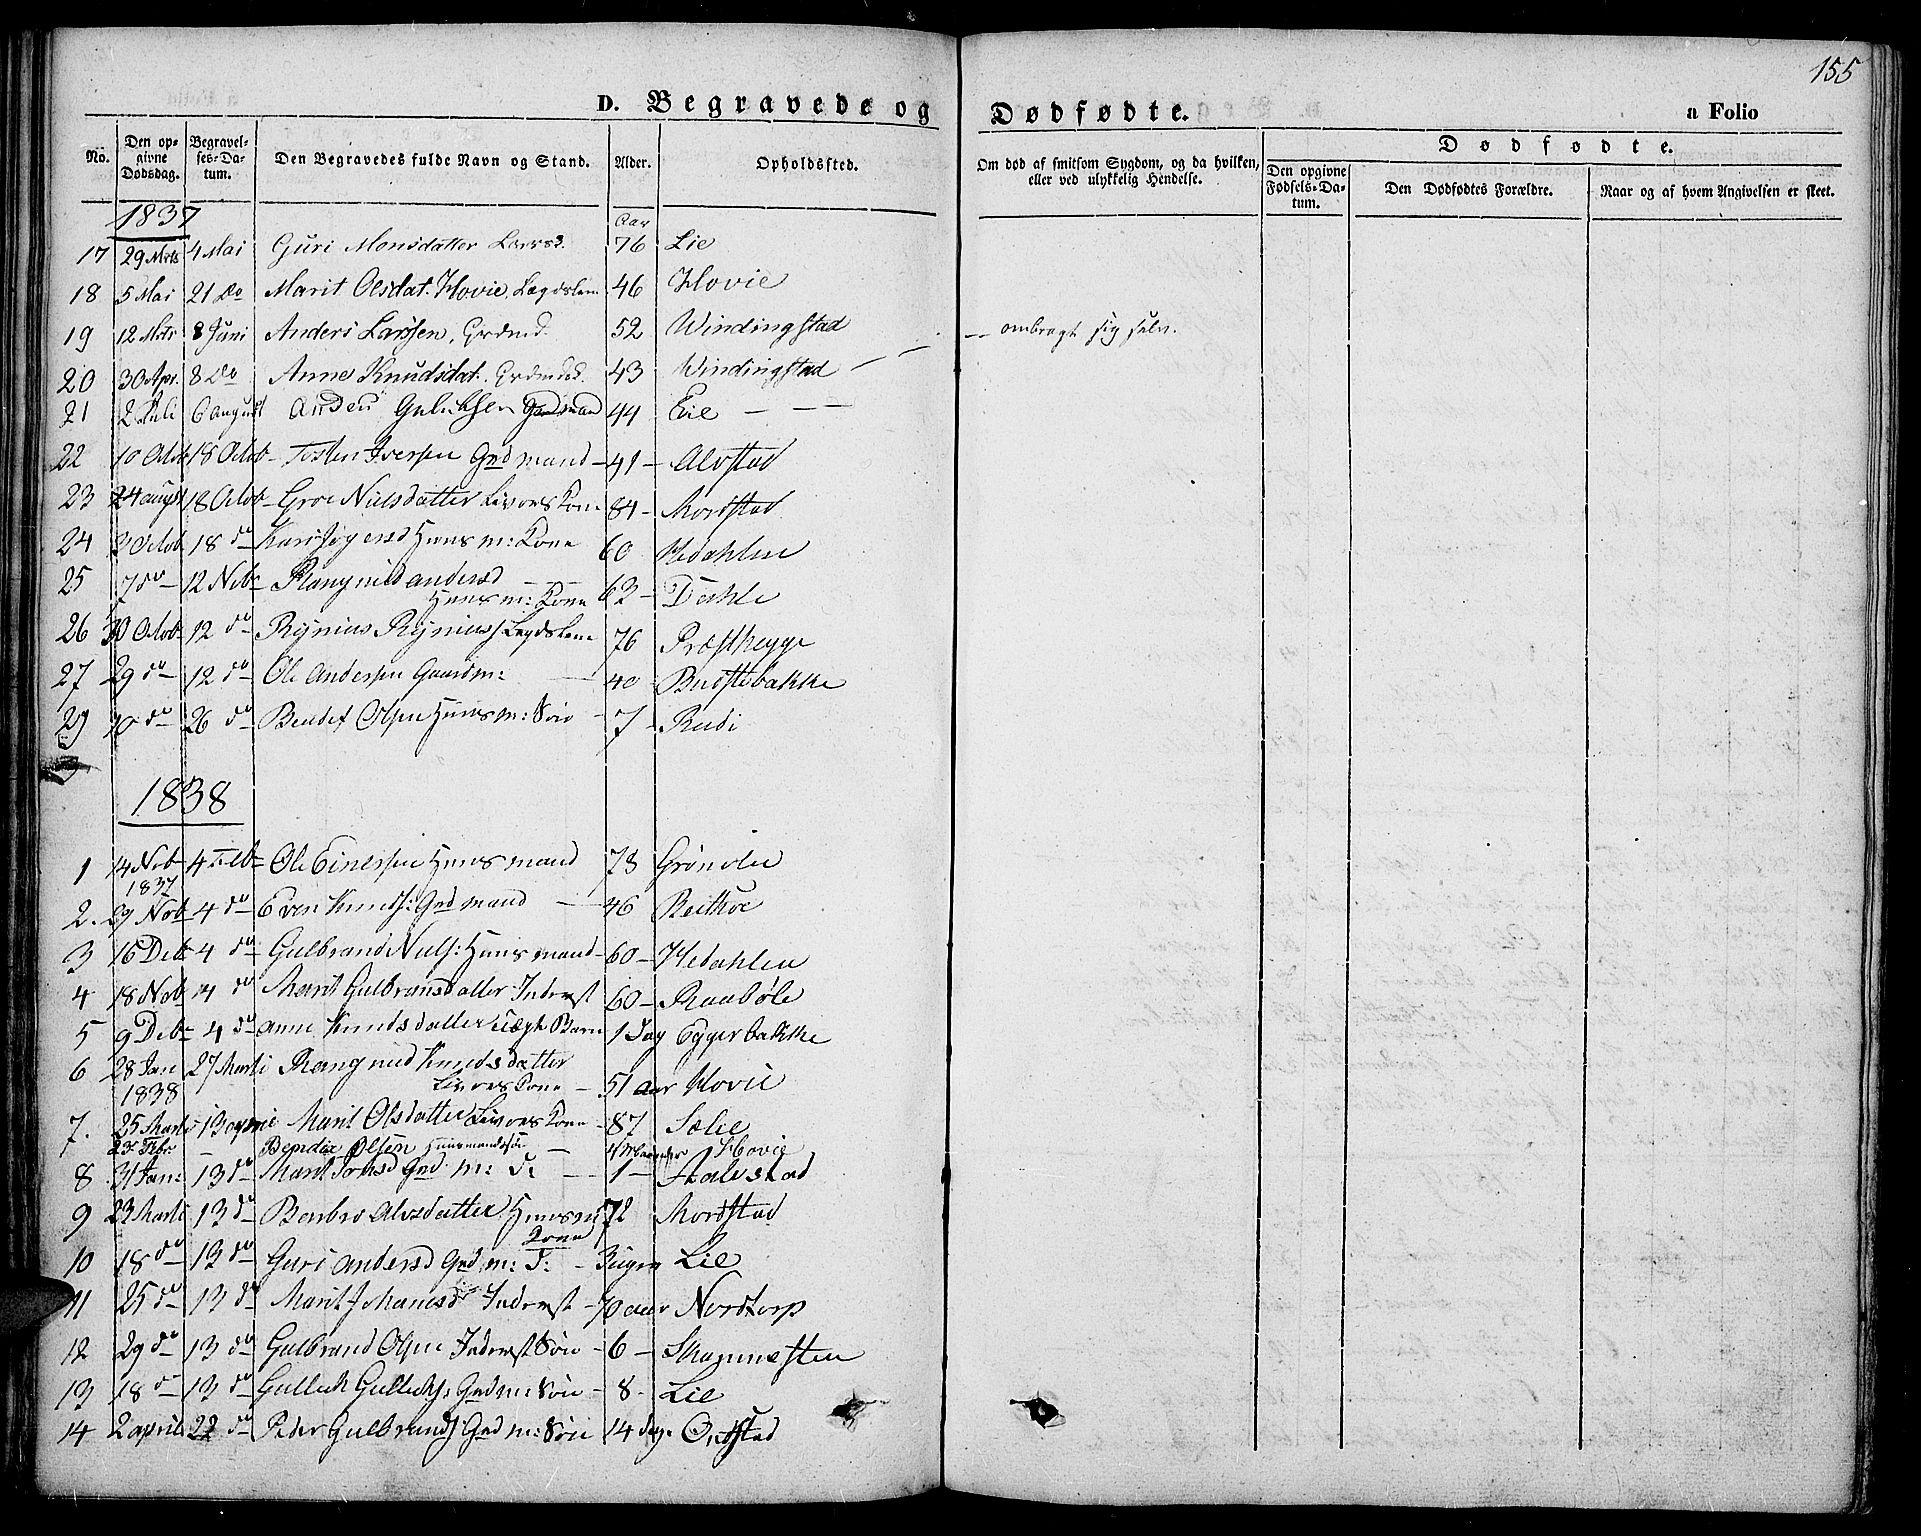 SAH, Slidre prestekontor, Ministerialbok nr. 4, 1831-1848, s. 155